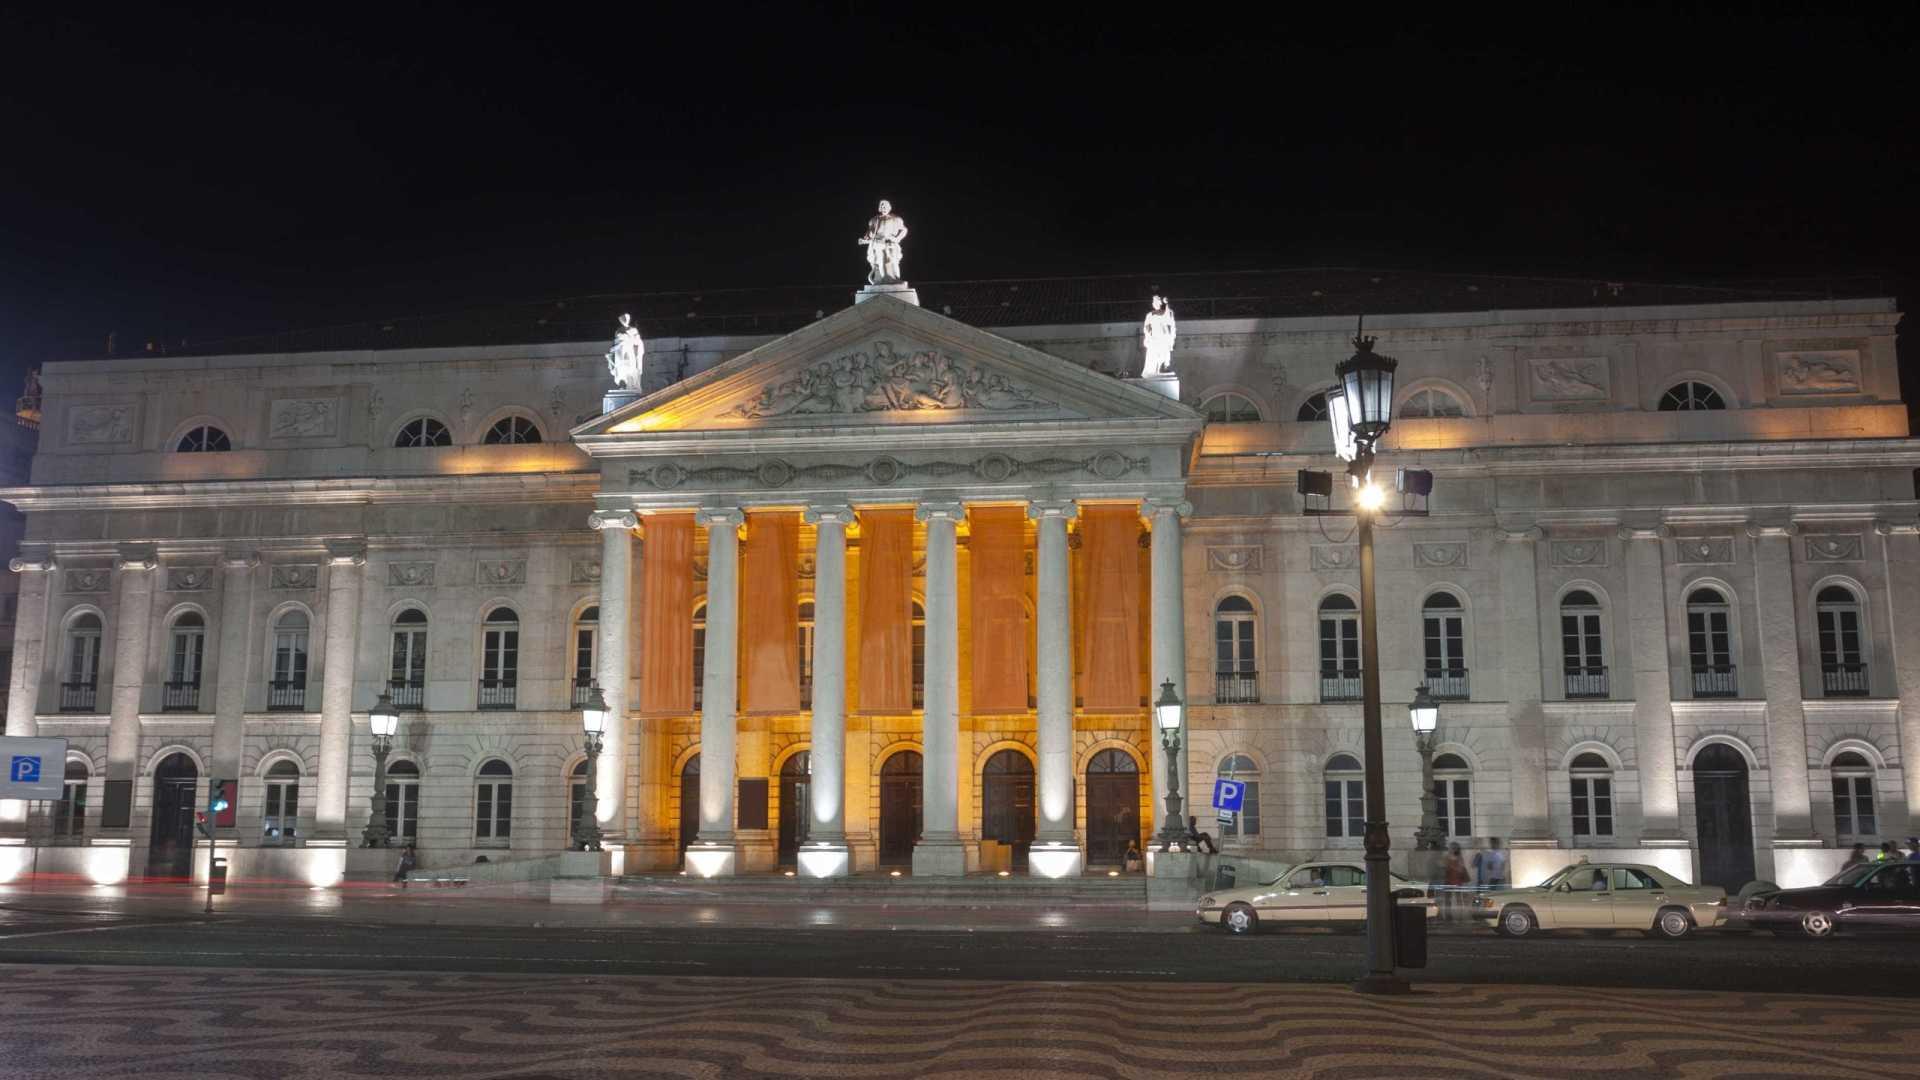 Teatro Nacional D.MariaII